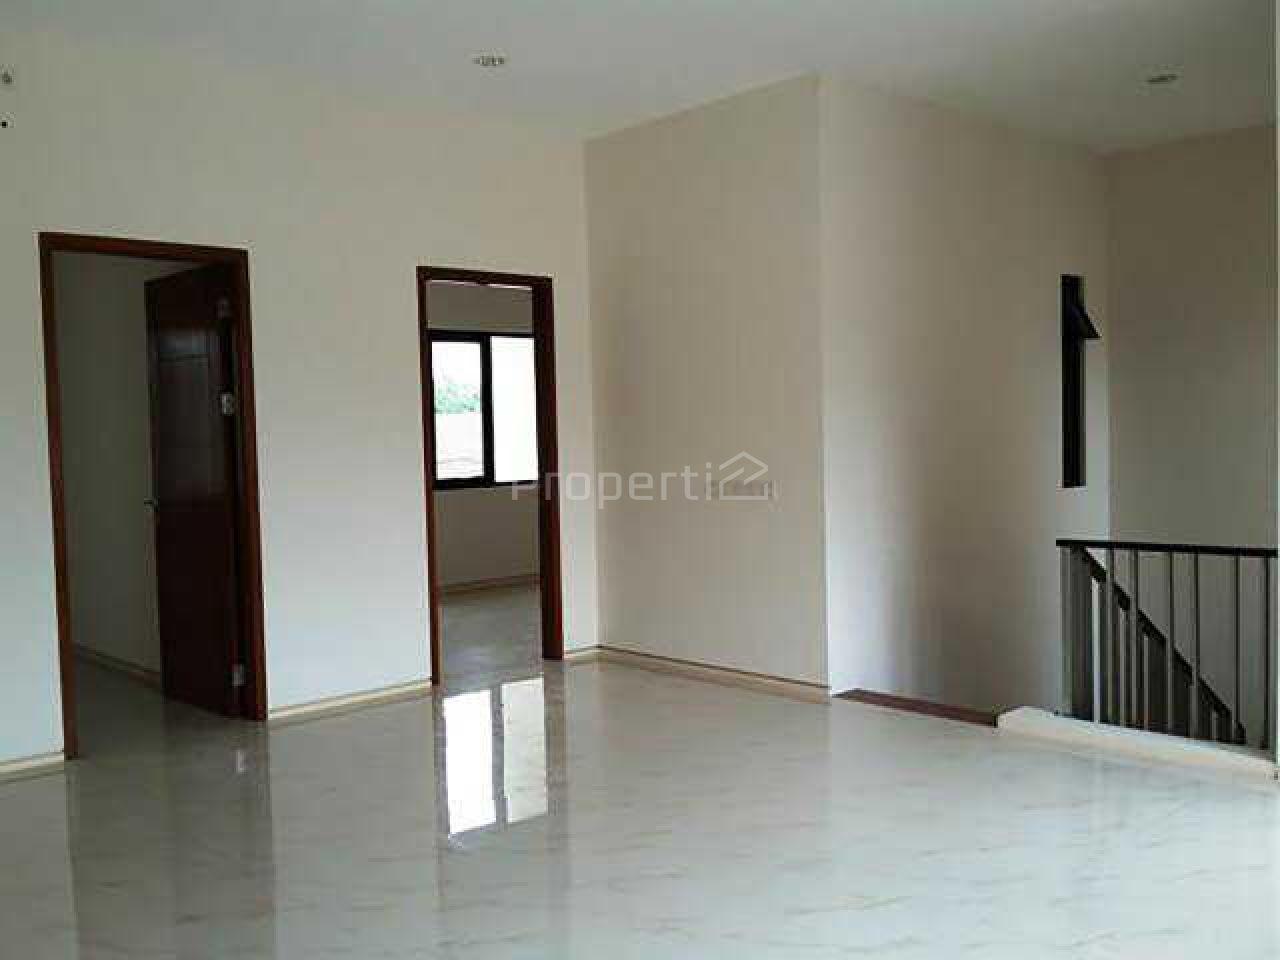 Rumah Baru di Sukahaji, Kota Bandung, Jawa Barat